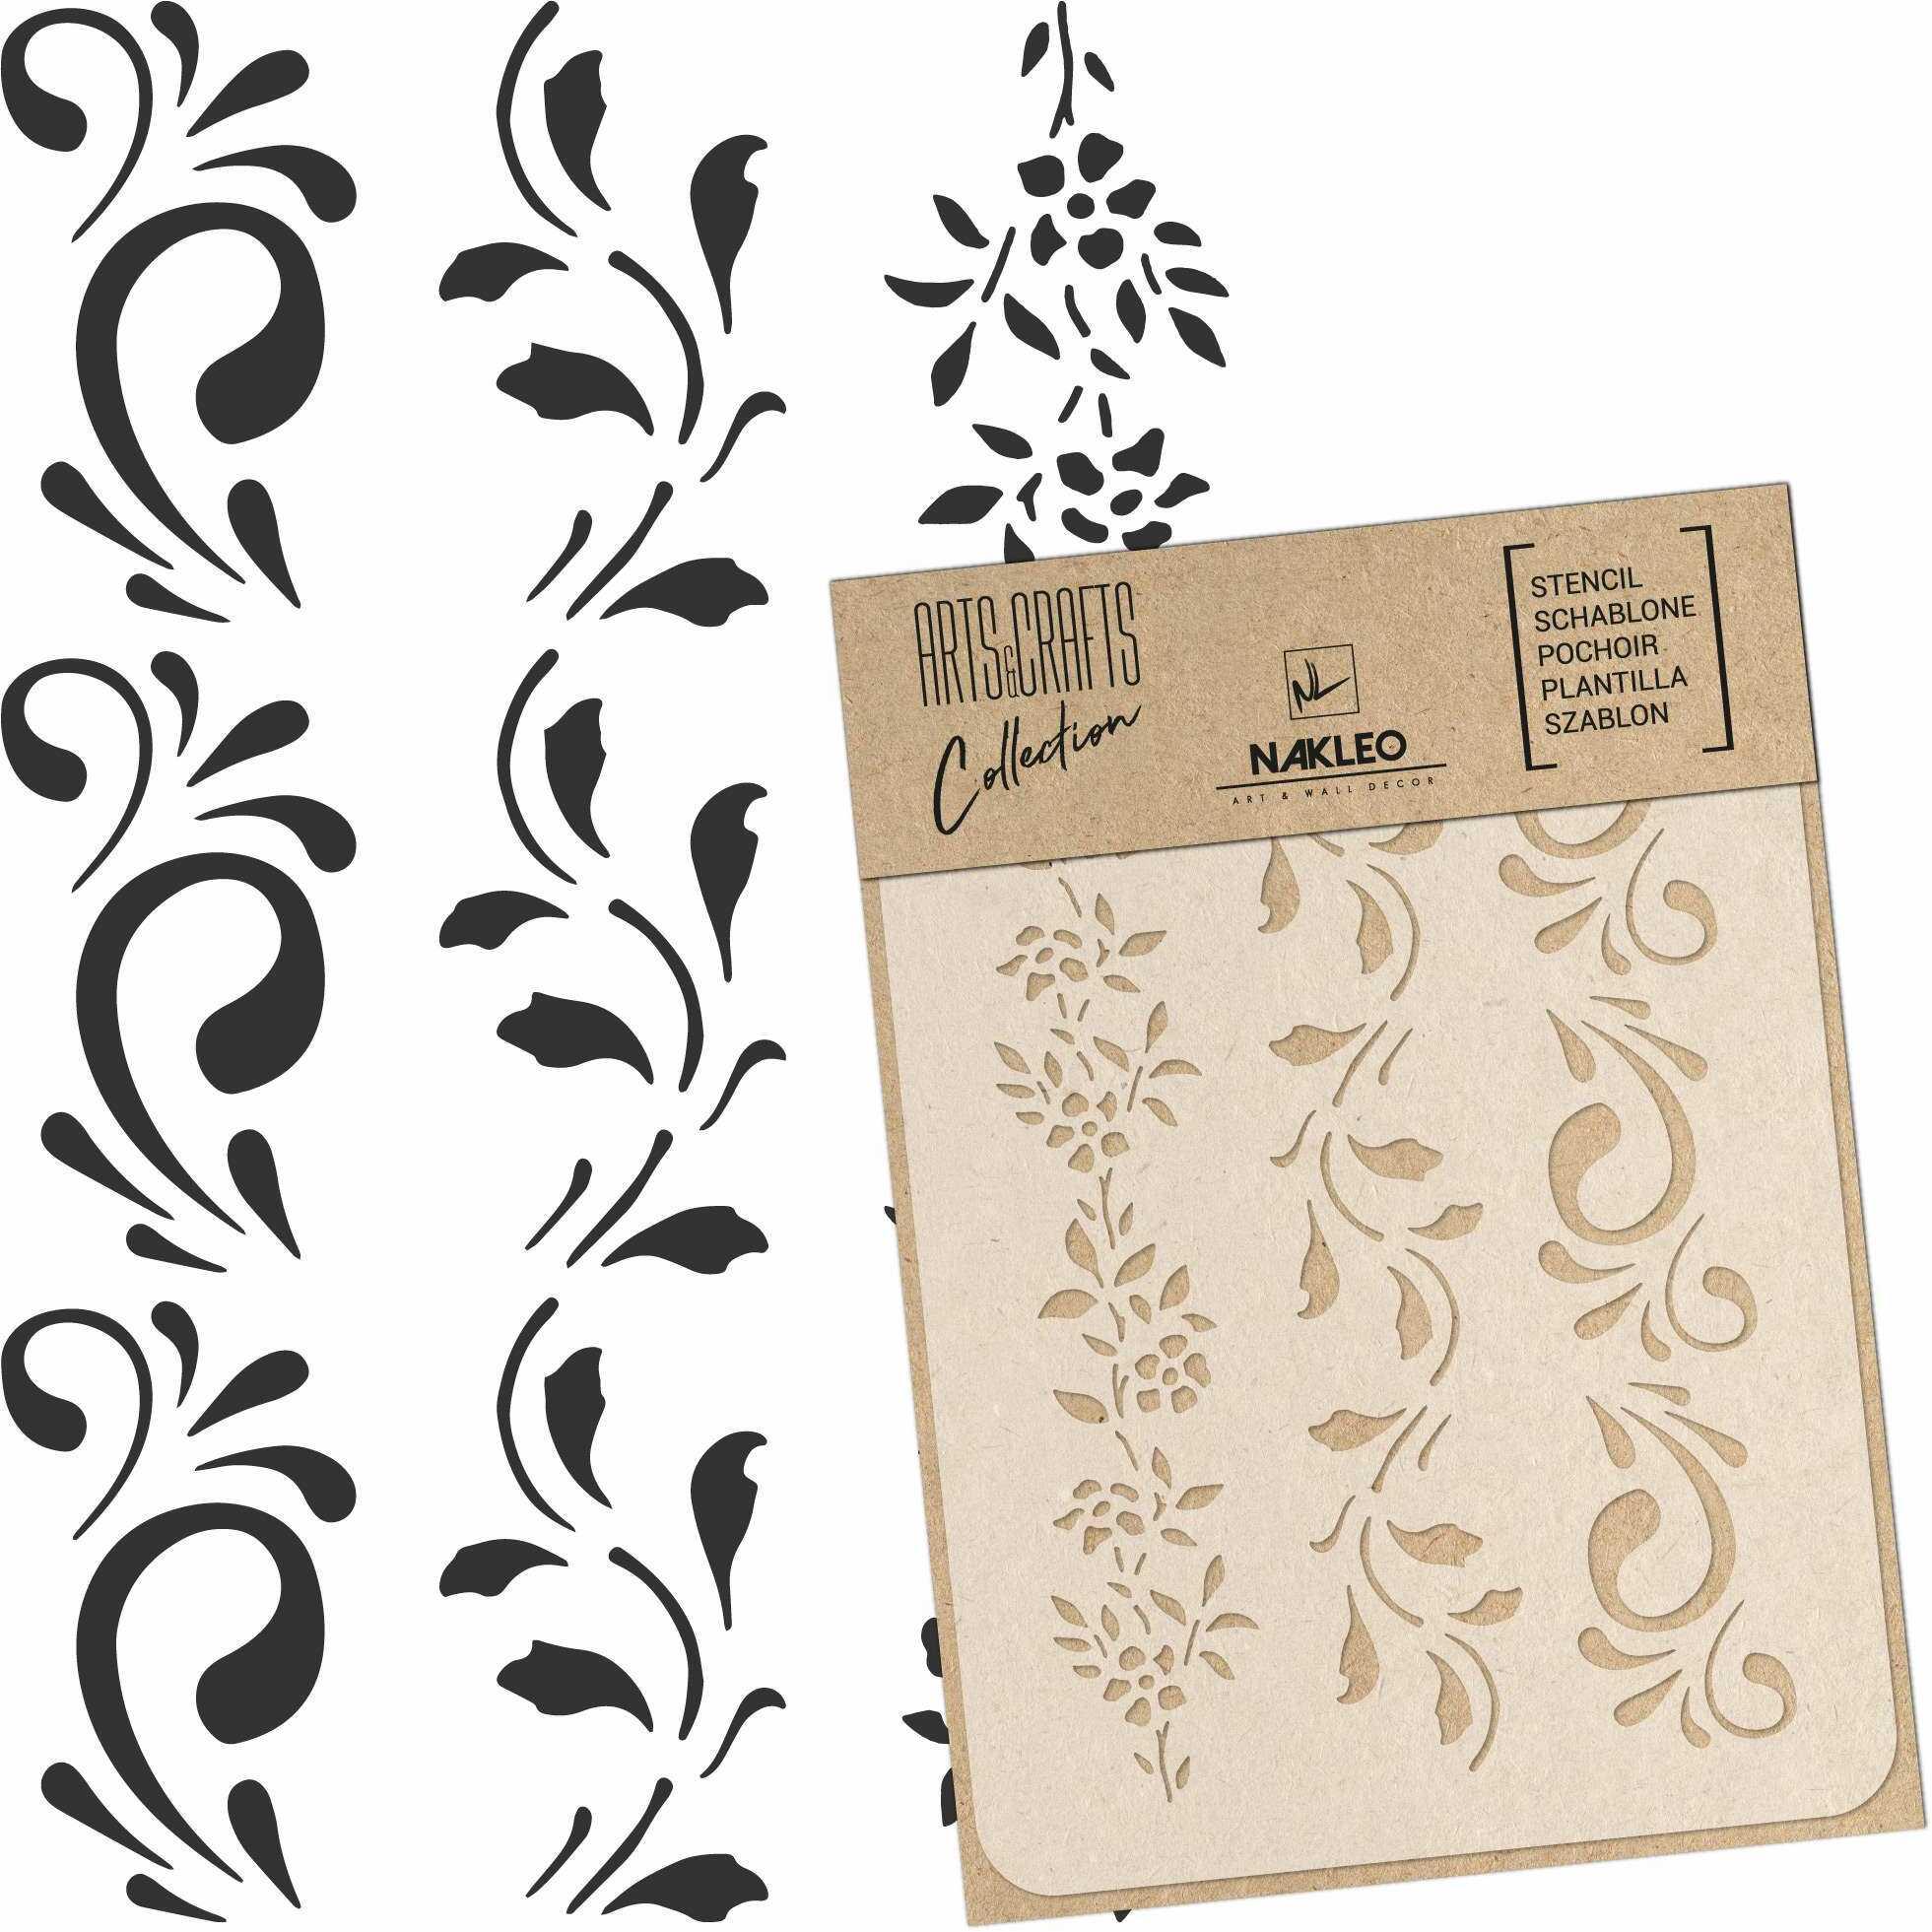 szablon malarski wielokrotny // BORDIURA KWIATOWA (BORDER FLOWERS) - A3 (30x42cm)